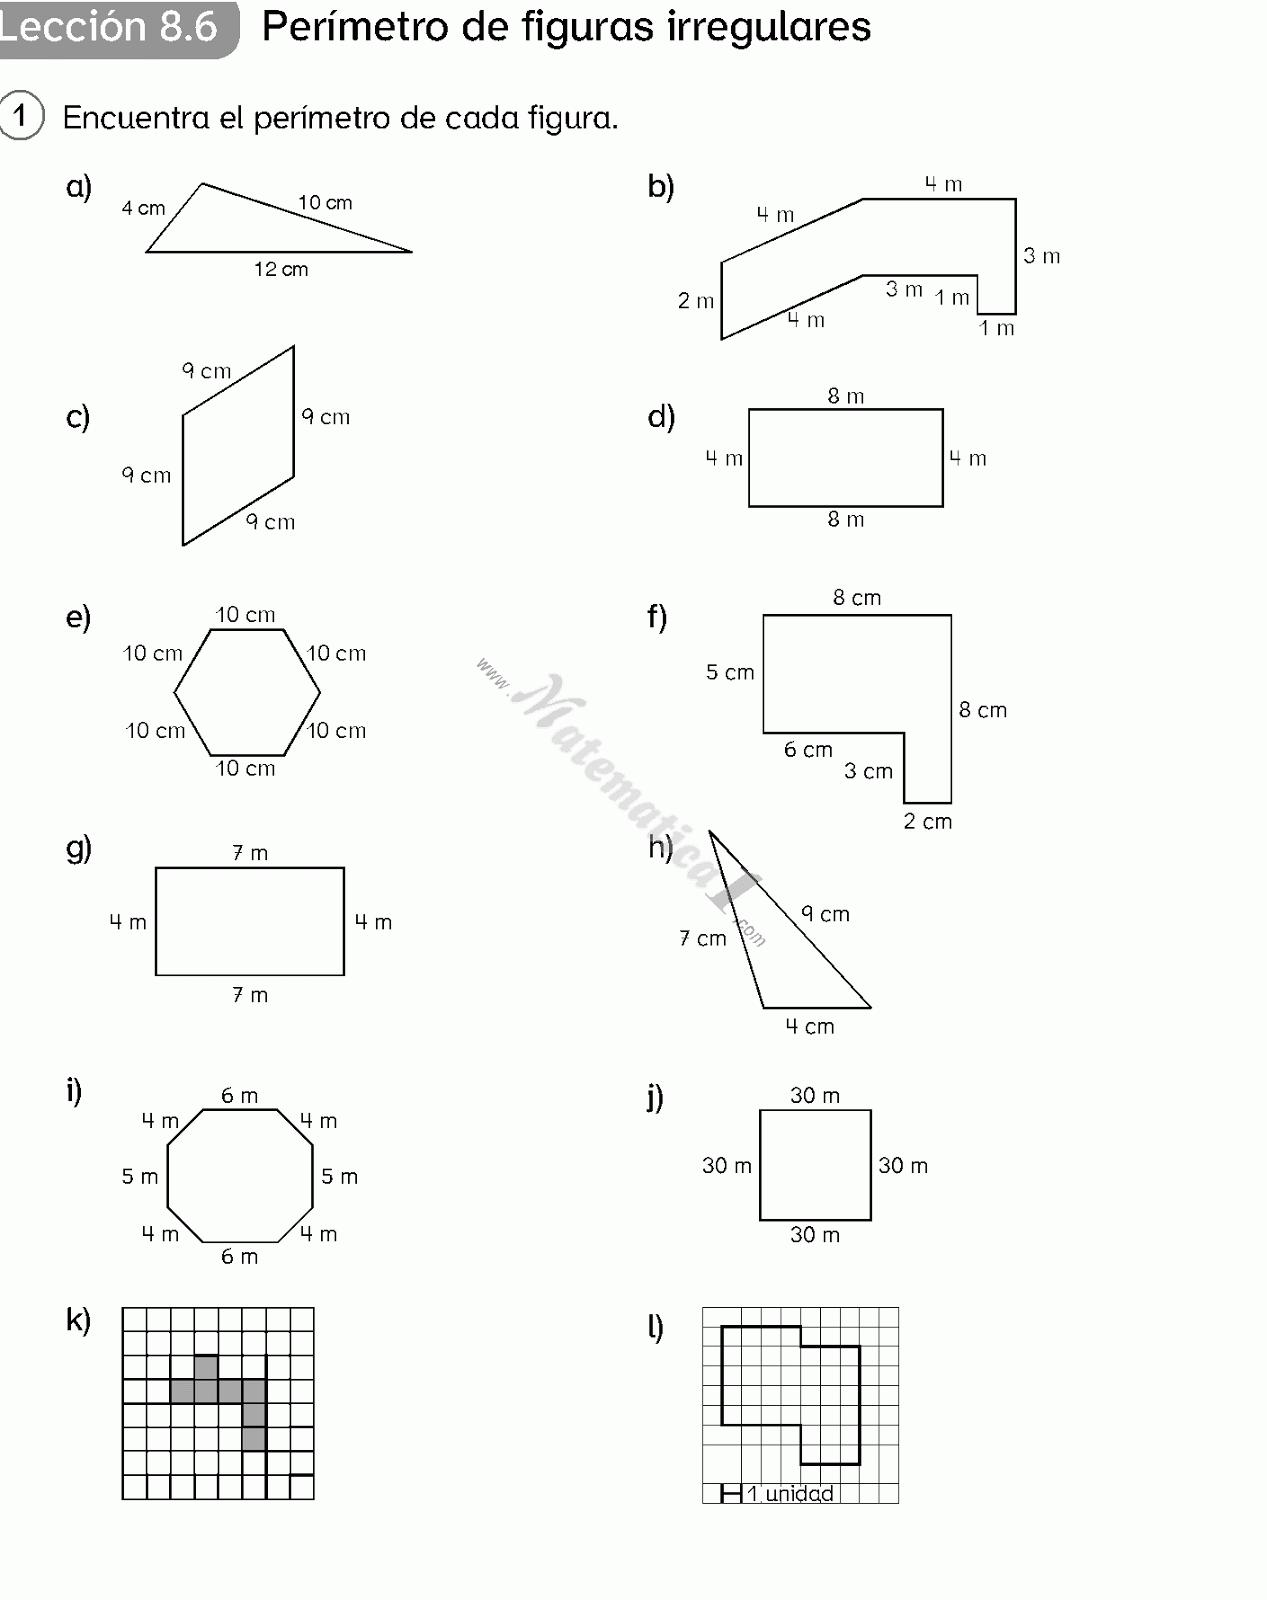 Realizar el calculo del perímetro de las siguientes